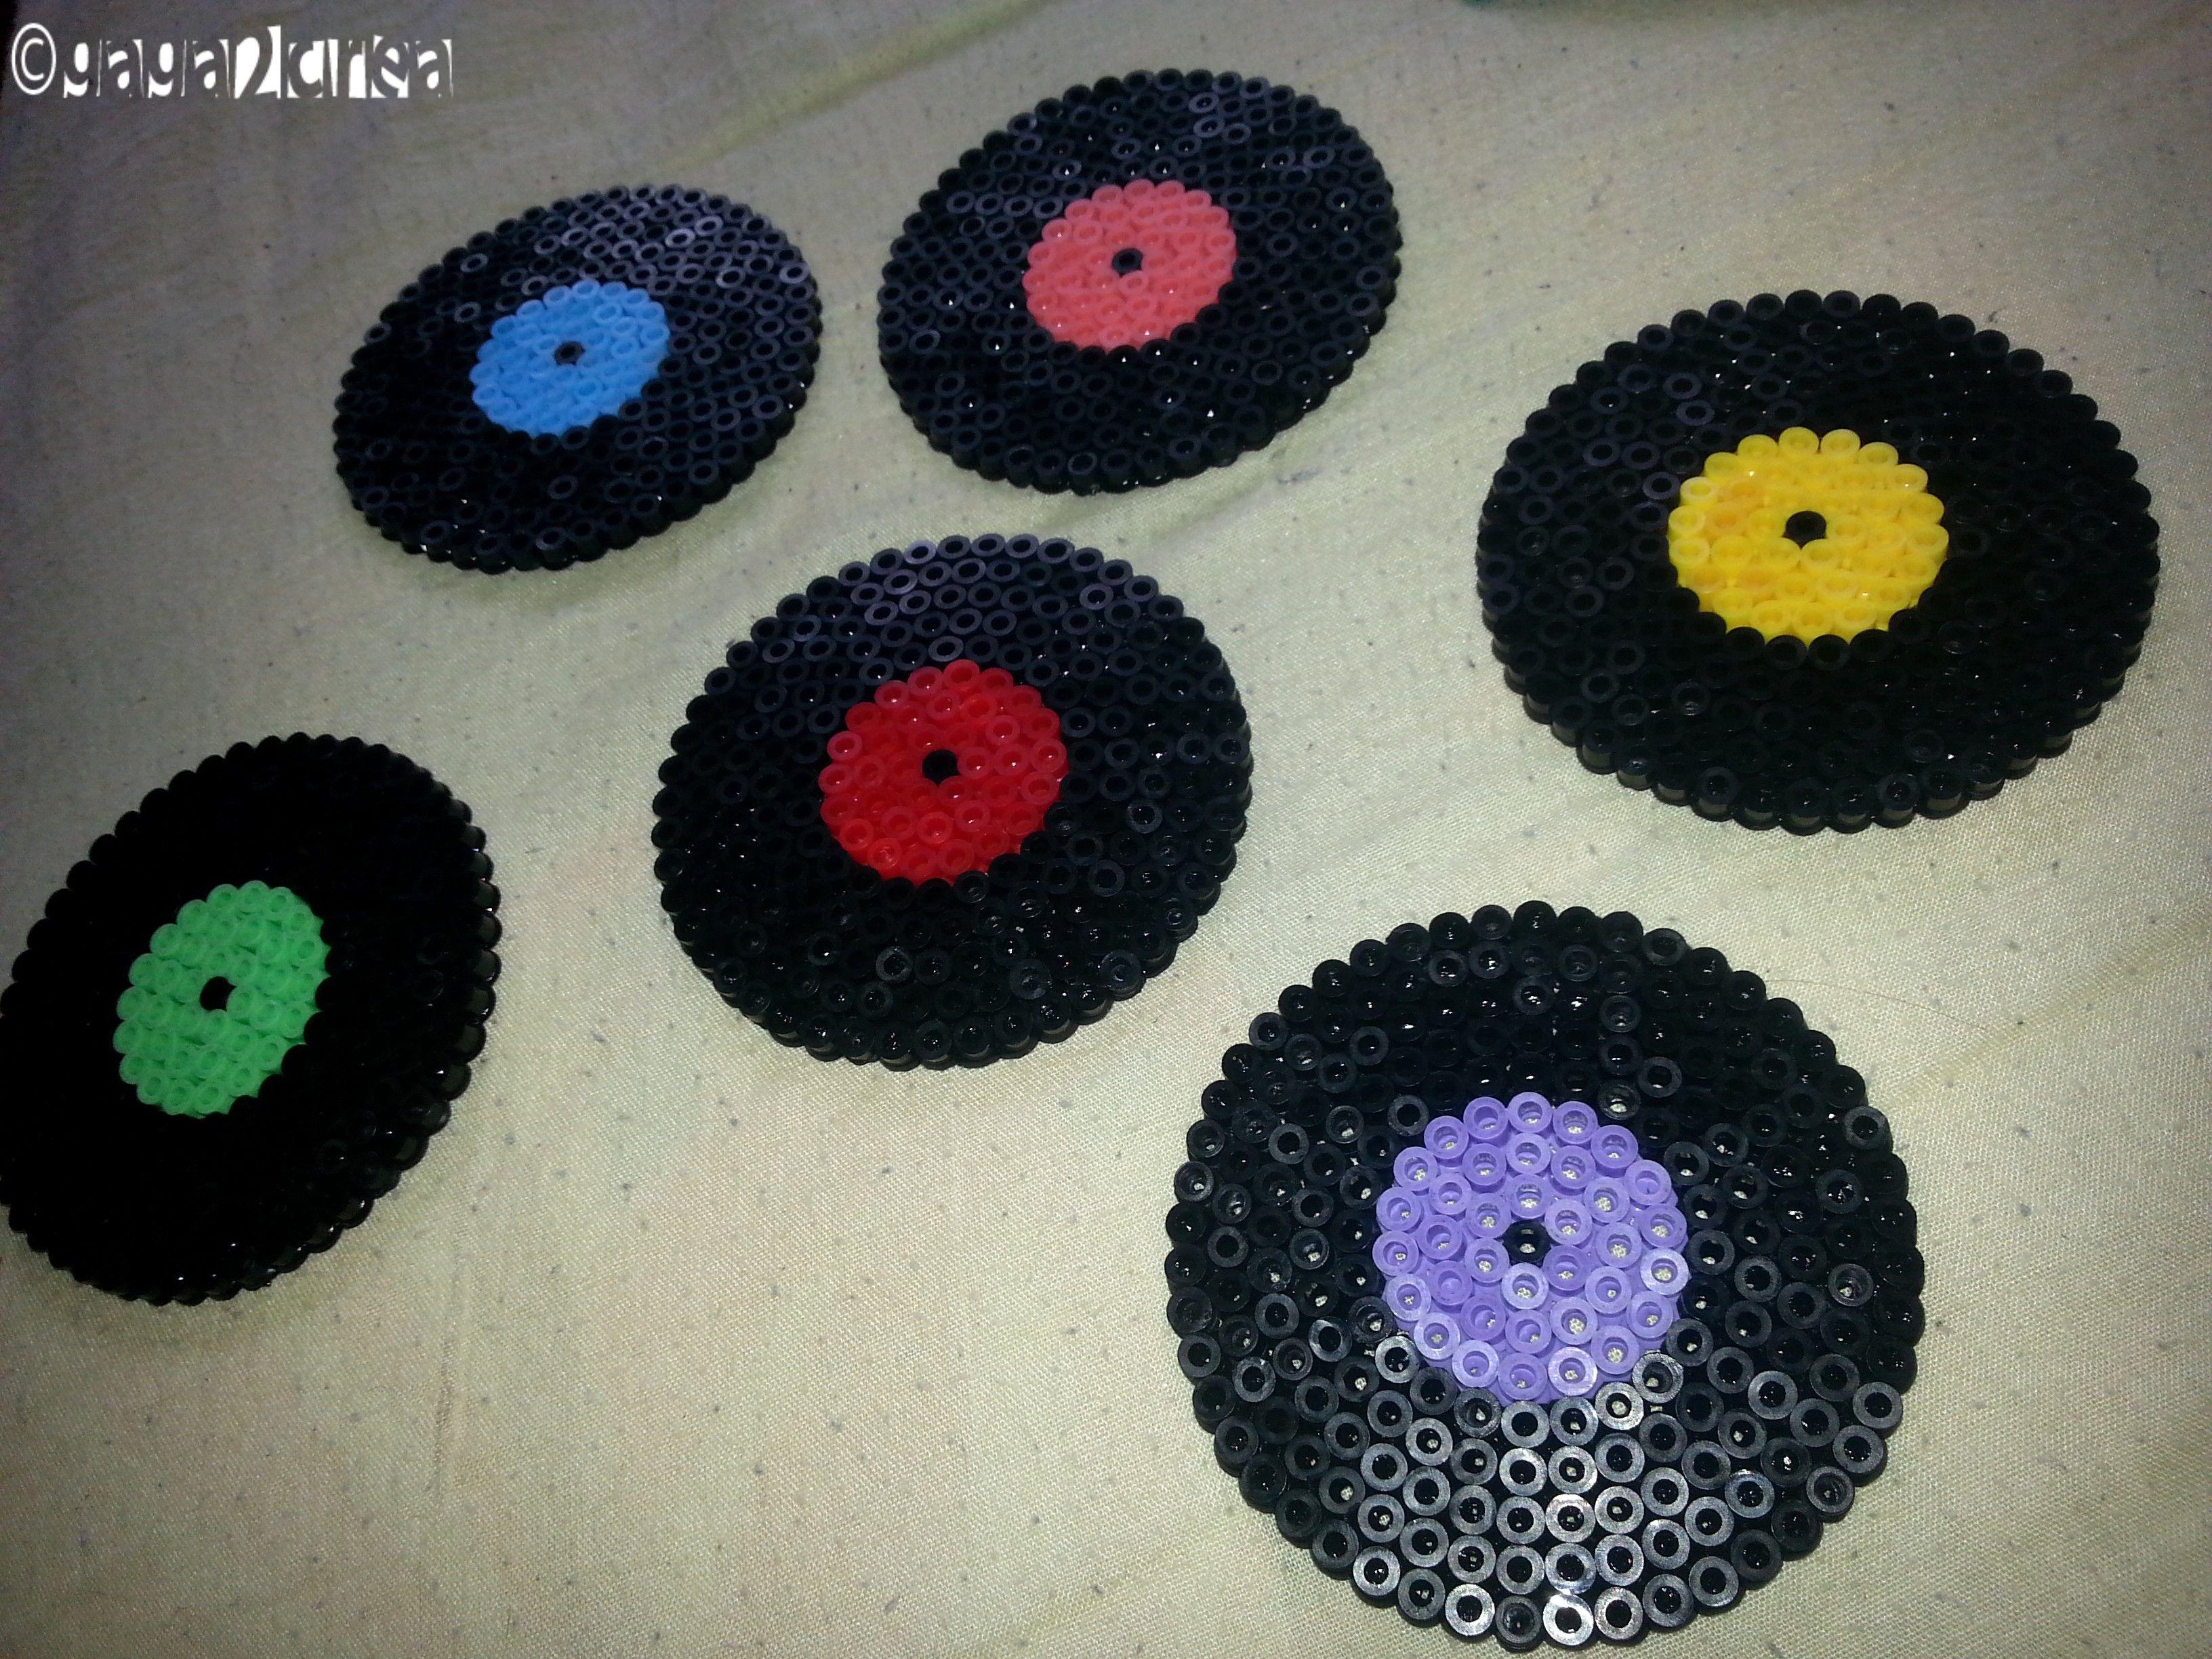 Dessous de verre vinyle hama perles pinterest dessous de verre vinyles - Dessous de verre vinyle ...